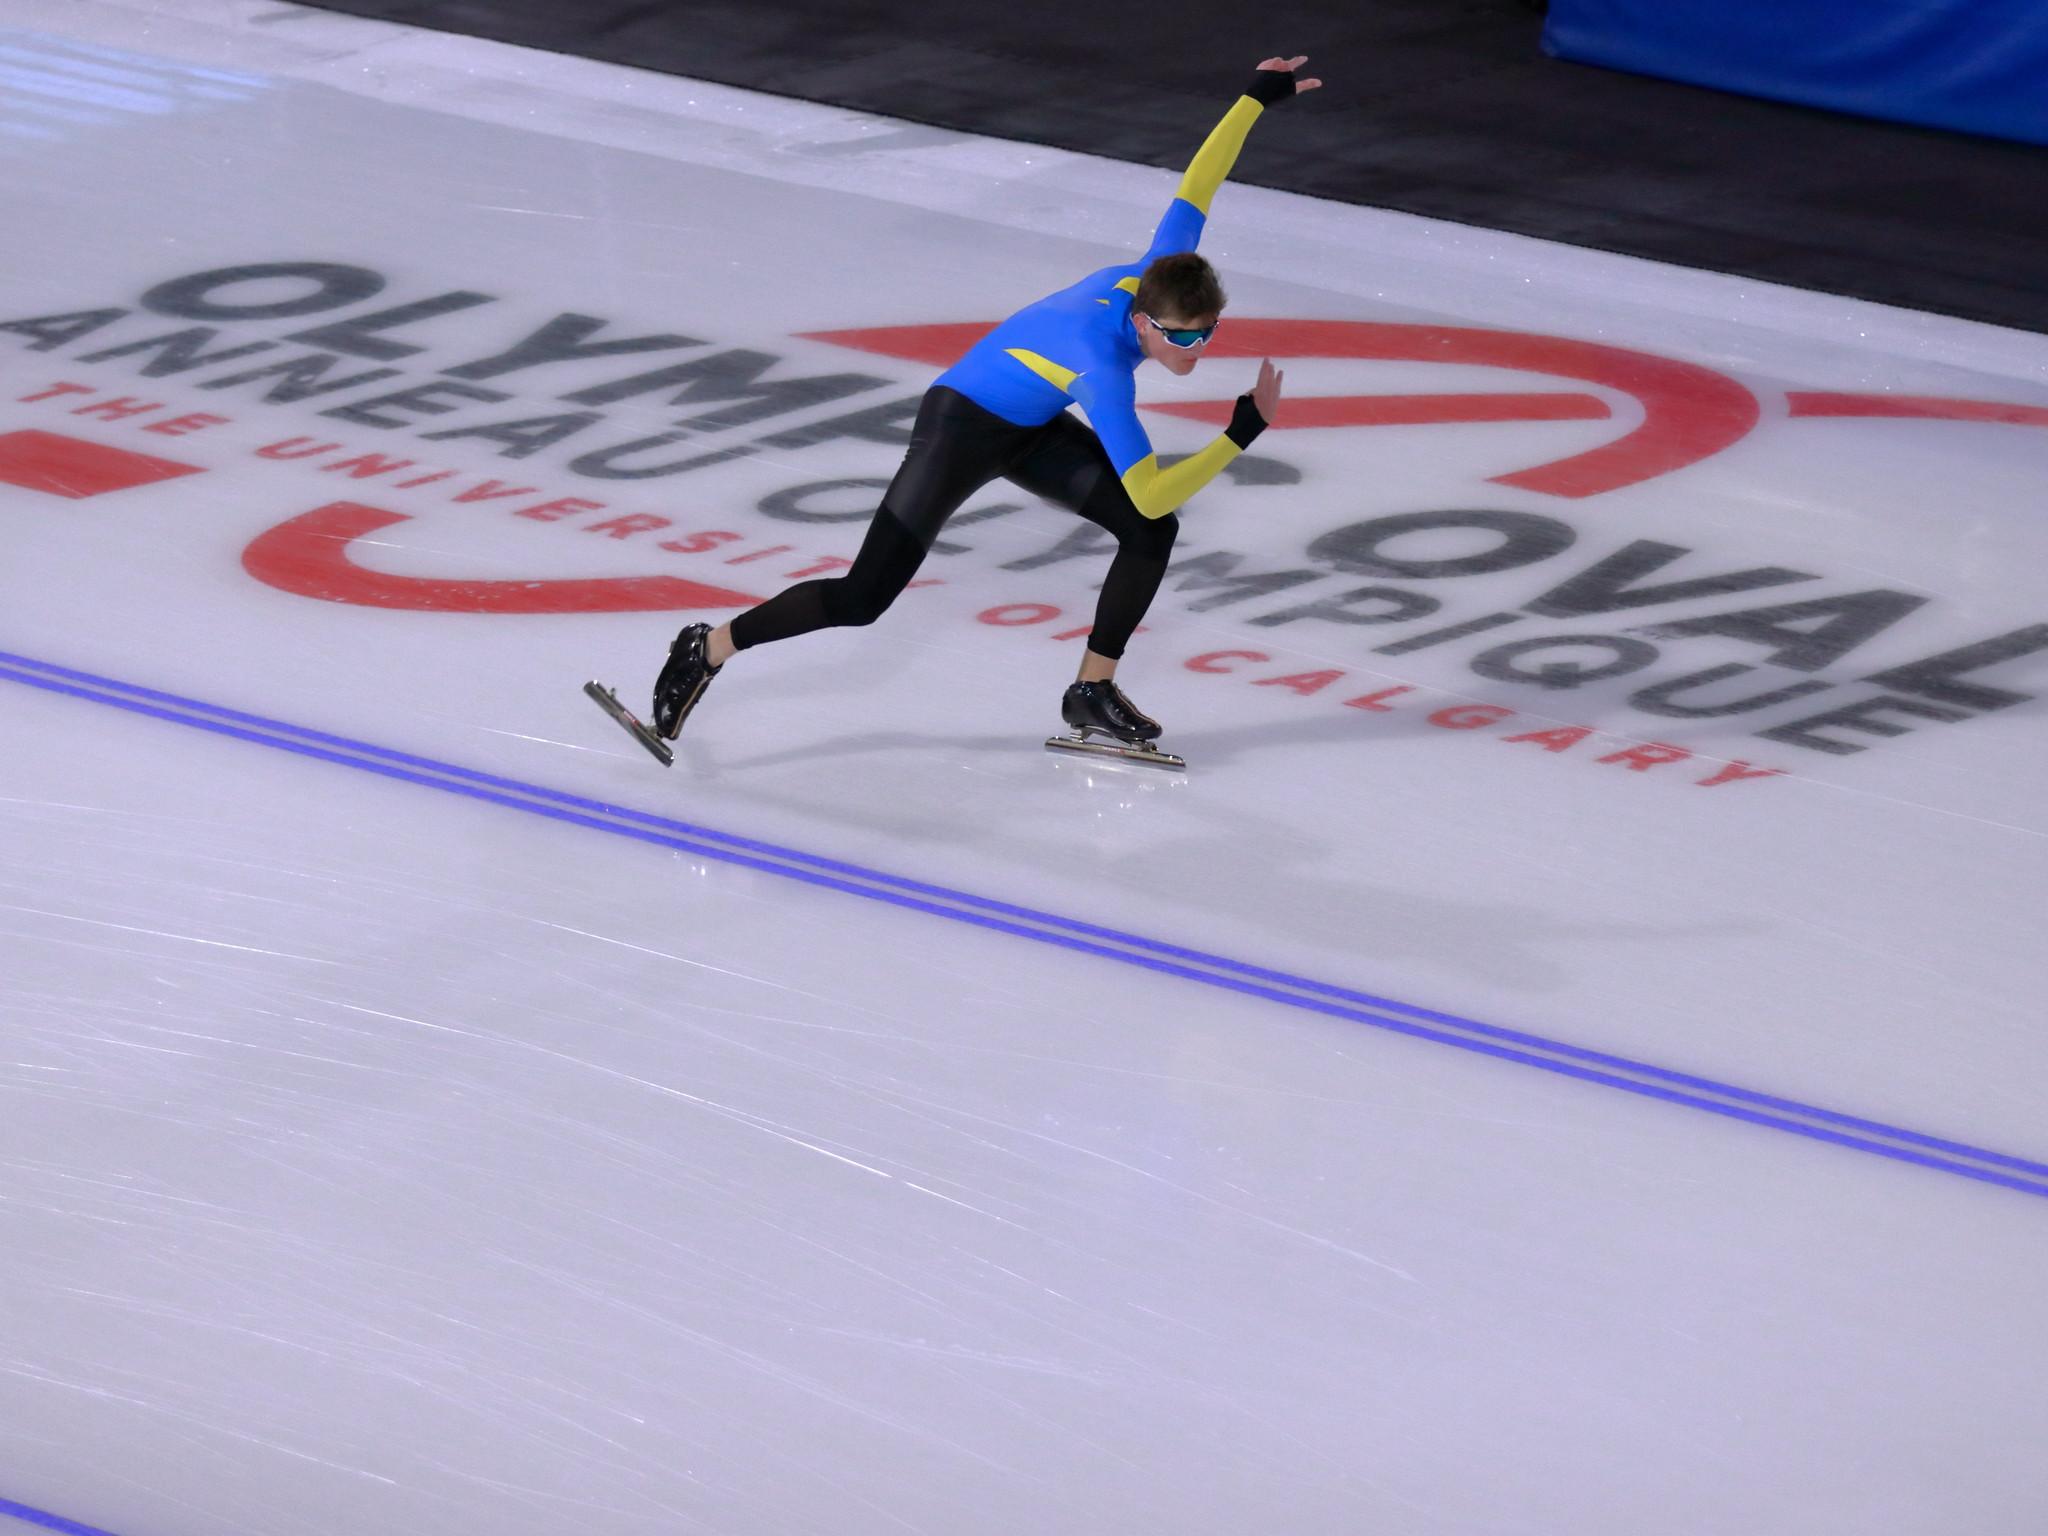 世界スプリントスピードスケート選手権2020結果速報・出場選手日程・テレビ放送